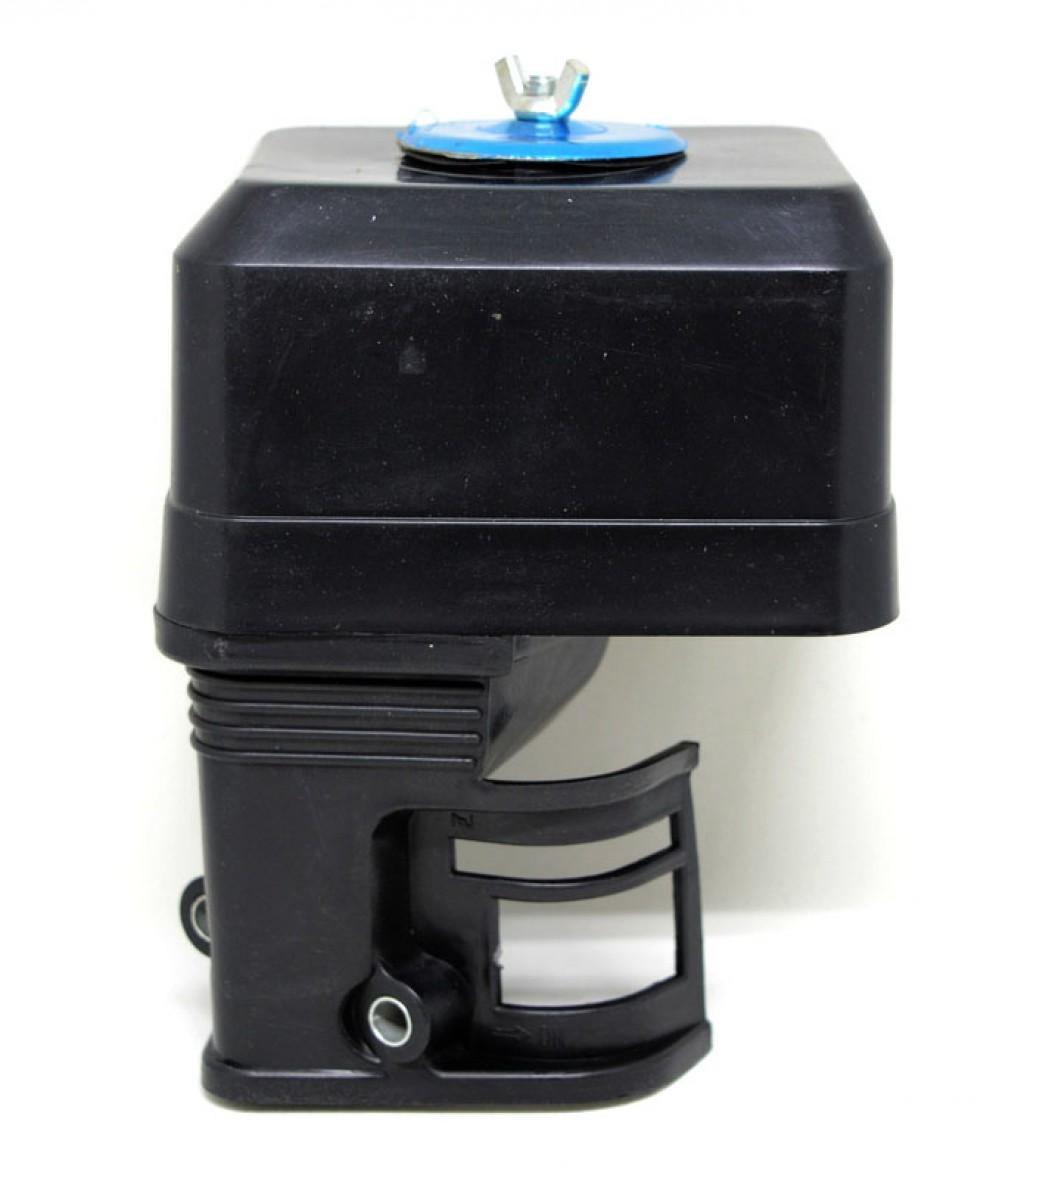 Kompletný vzduchový filter vrátane držiaku Honda GX160 GX140